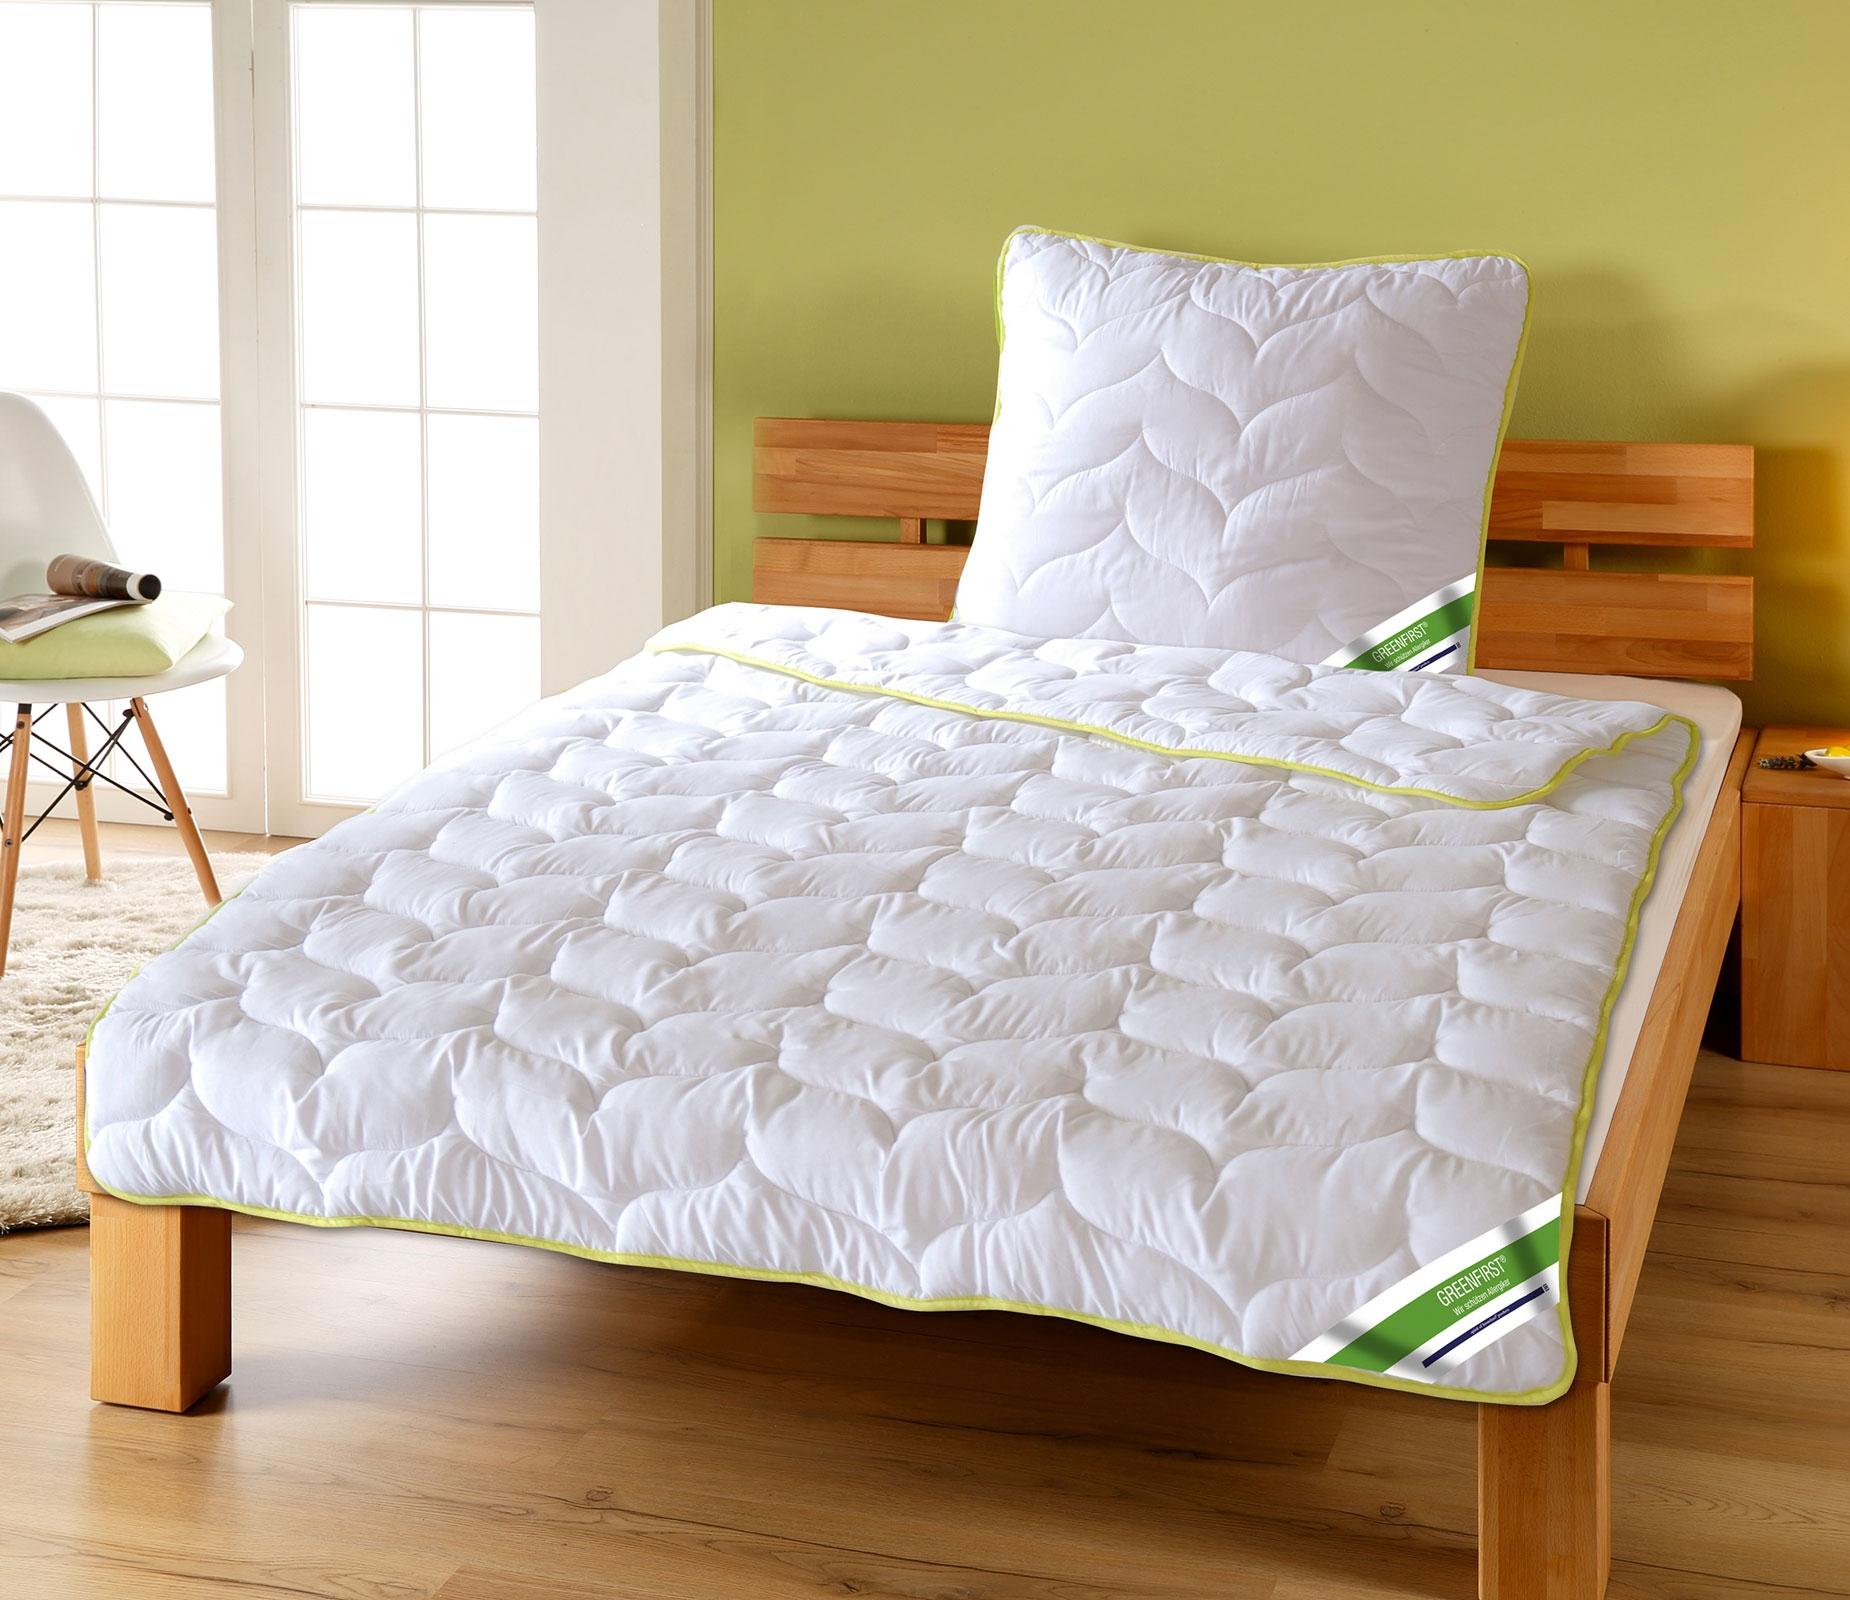 Bettdecken und Kopfkissen - Greenfirst Steppdecke Bettdecke mit Schutz vor Mücken Milben von KBT  - Onlineshop PremiumShop321